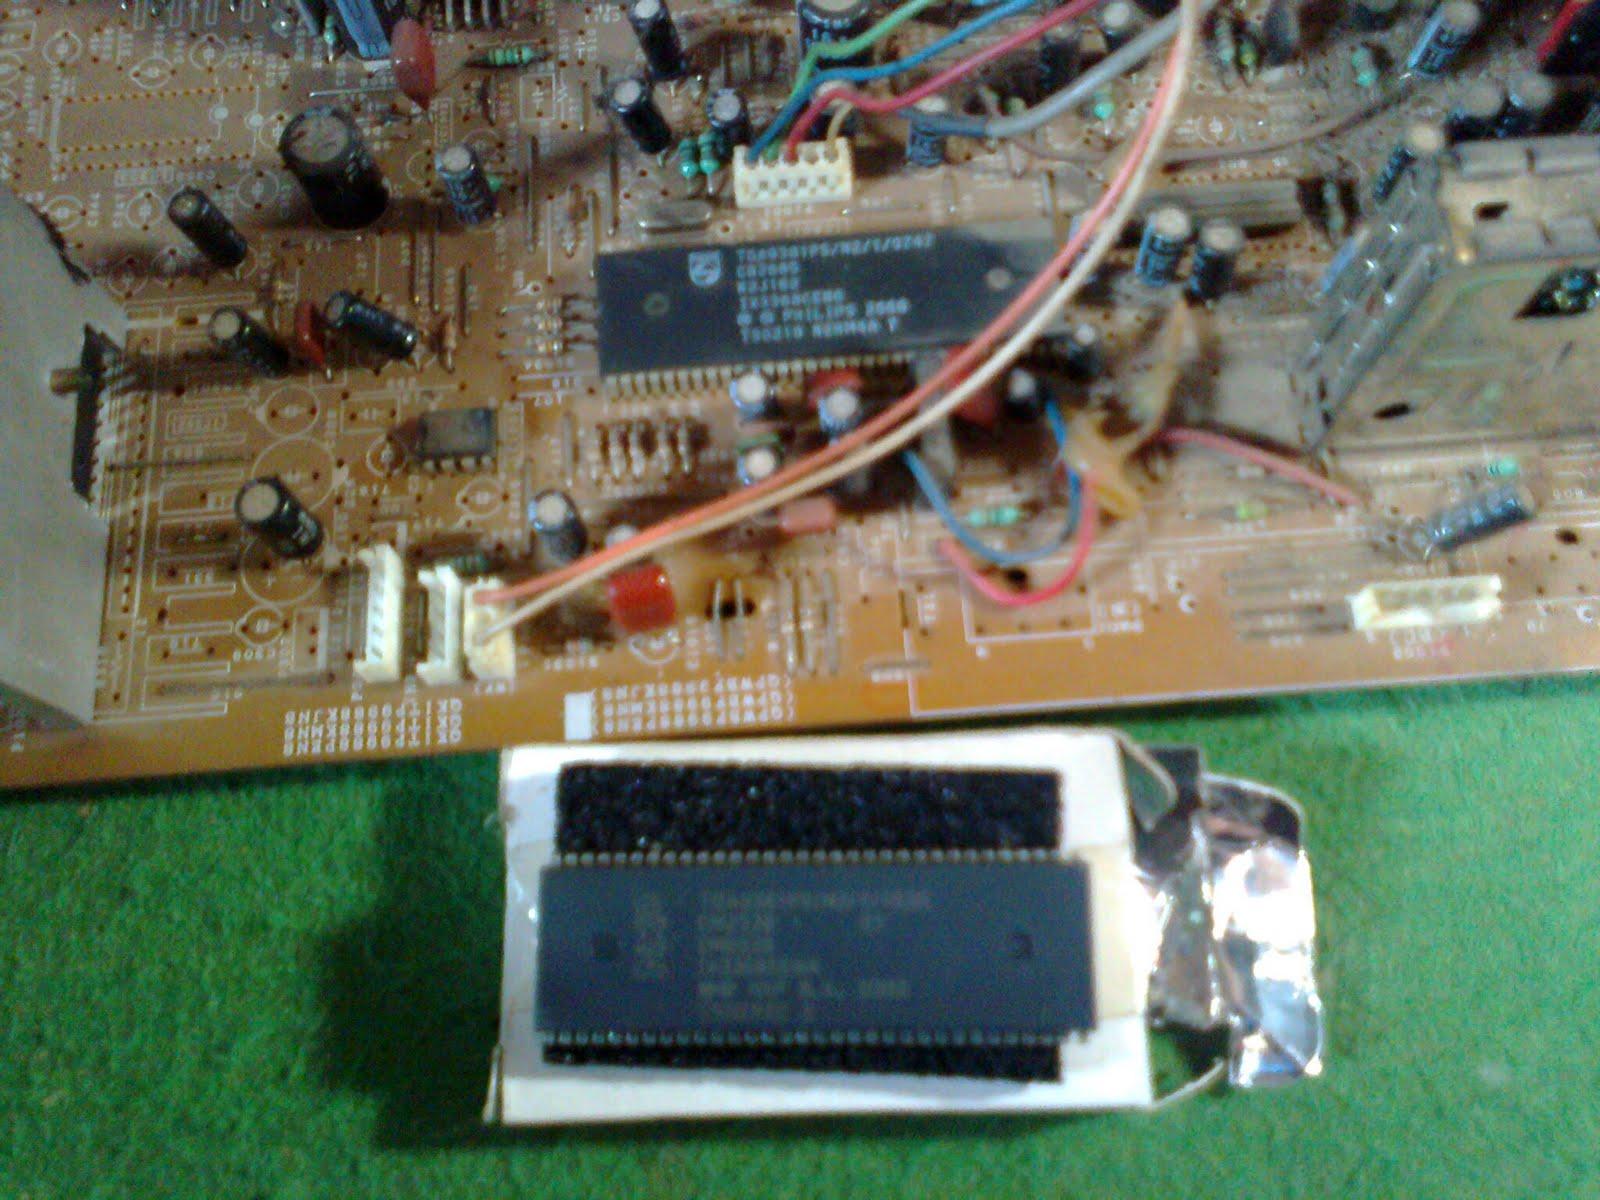 contoh kerusakan tv dengan lampu power/stanby mati